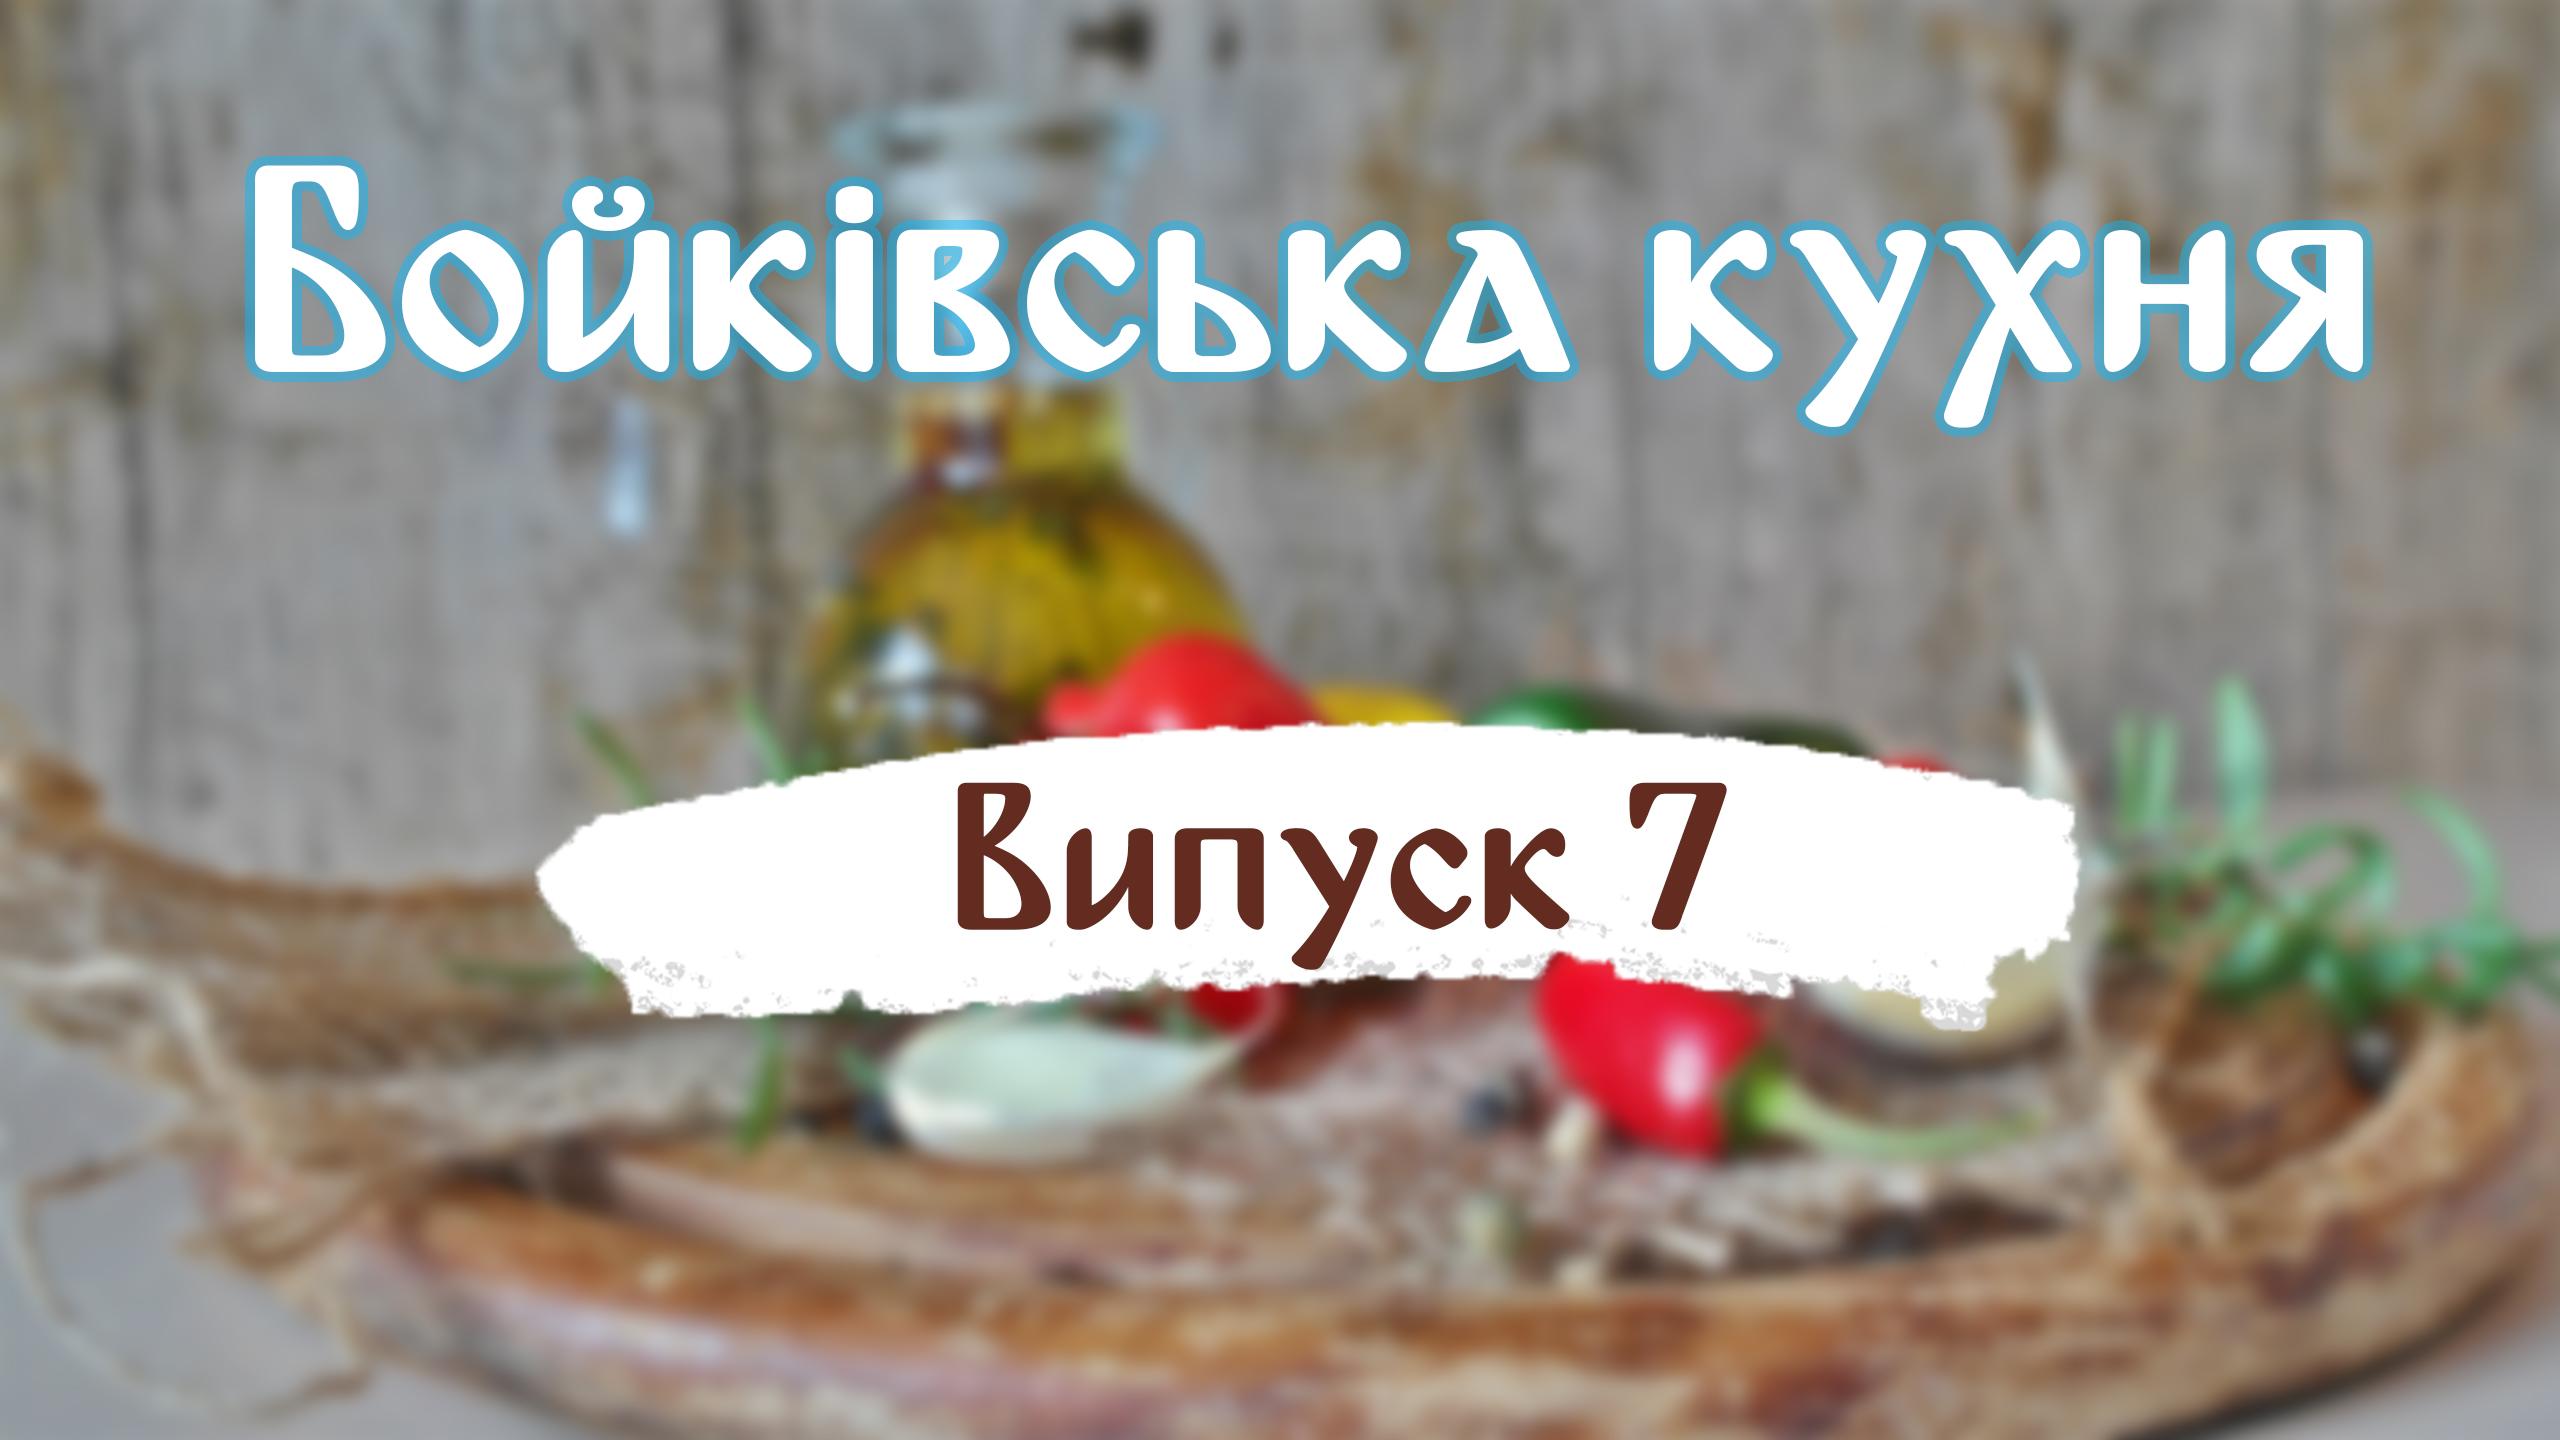 Бойківська кухня. Випуск 7. Хліб.